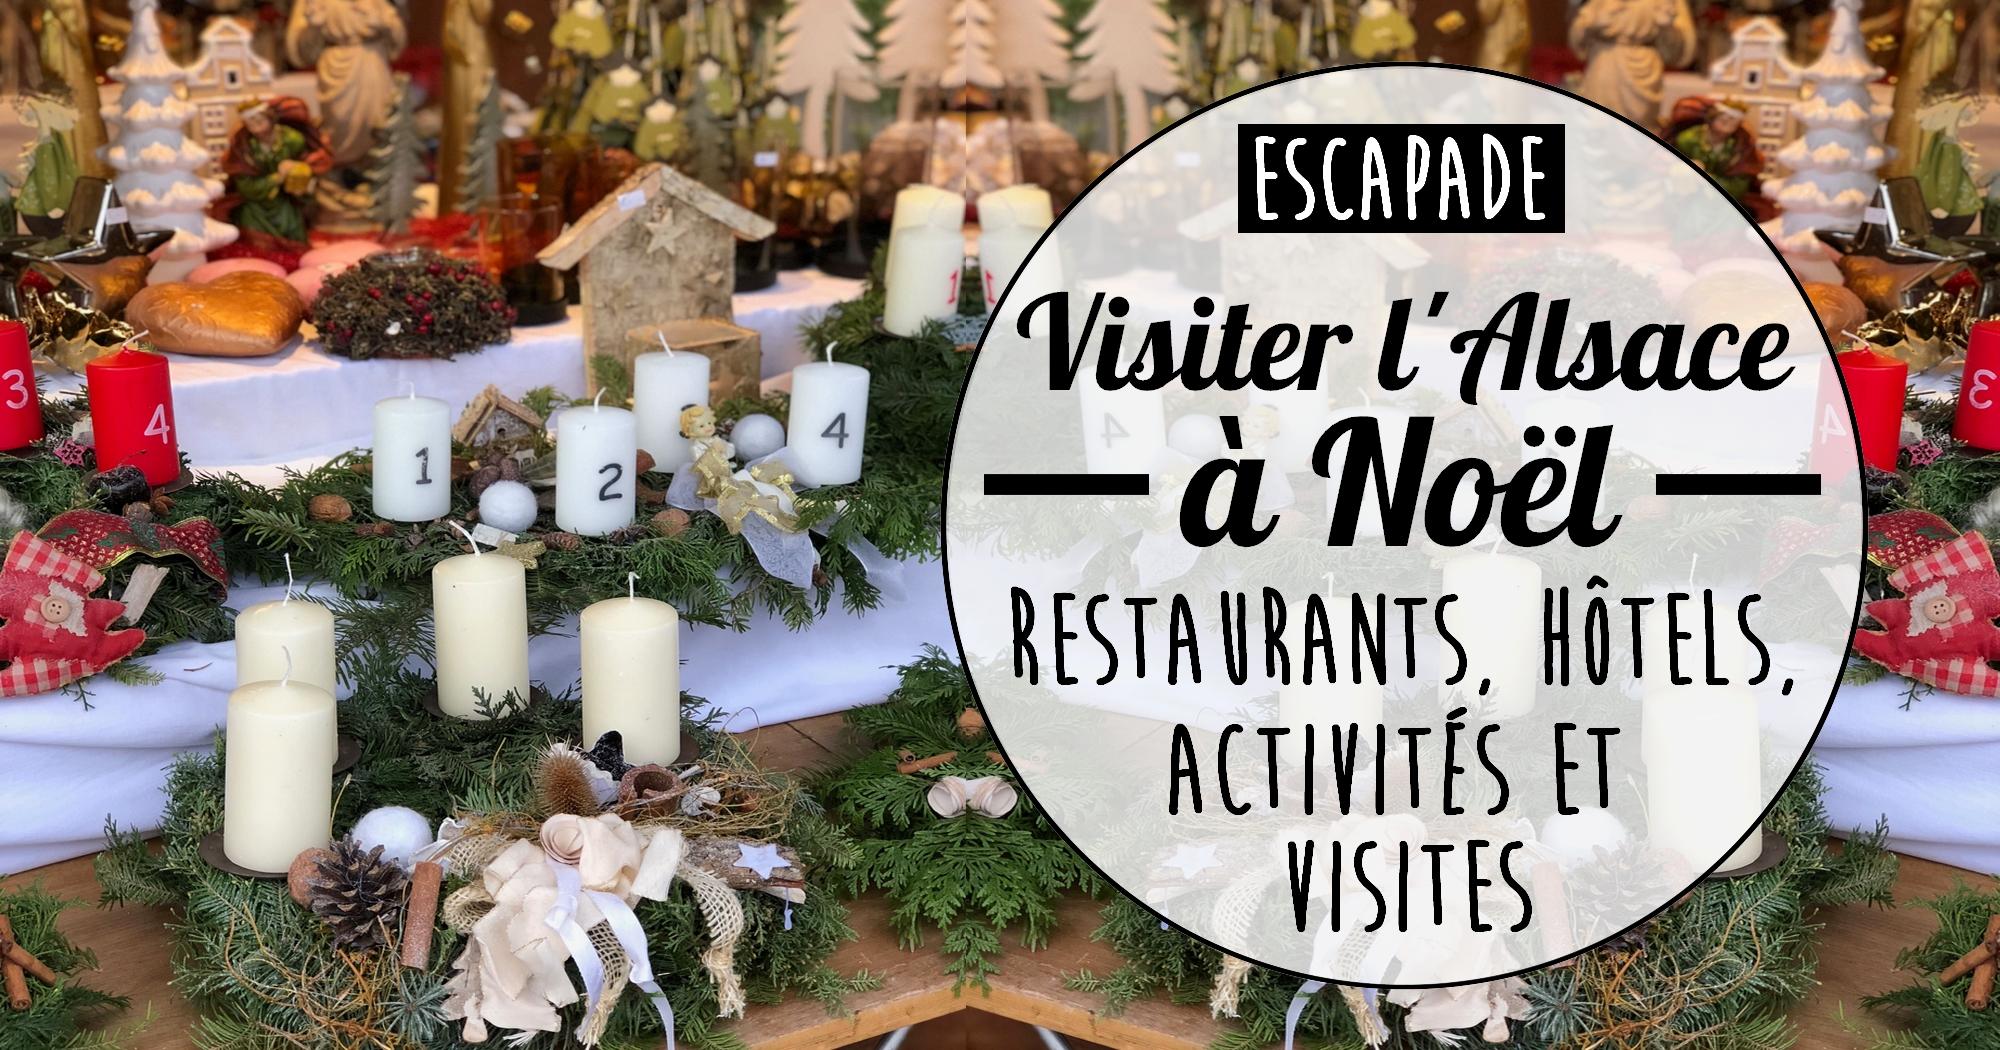 Visiter l'Alsace à Noël : restaurants, hôtels, visites et activités